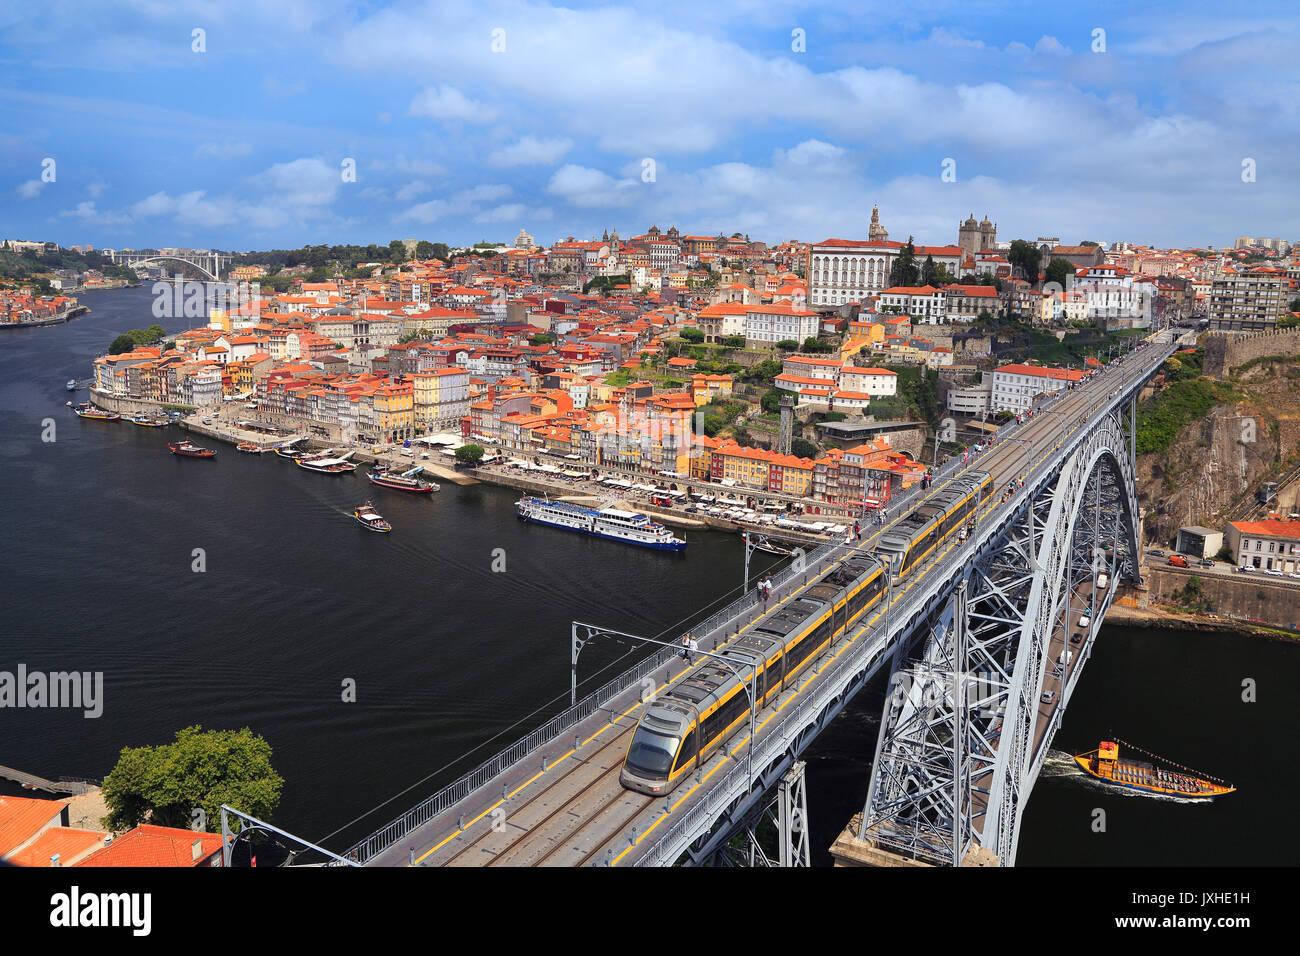 Porto skyline, Dom Luis I Bridge and Douro River in Portugal - Stock Image